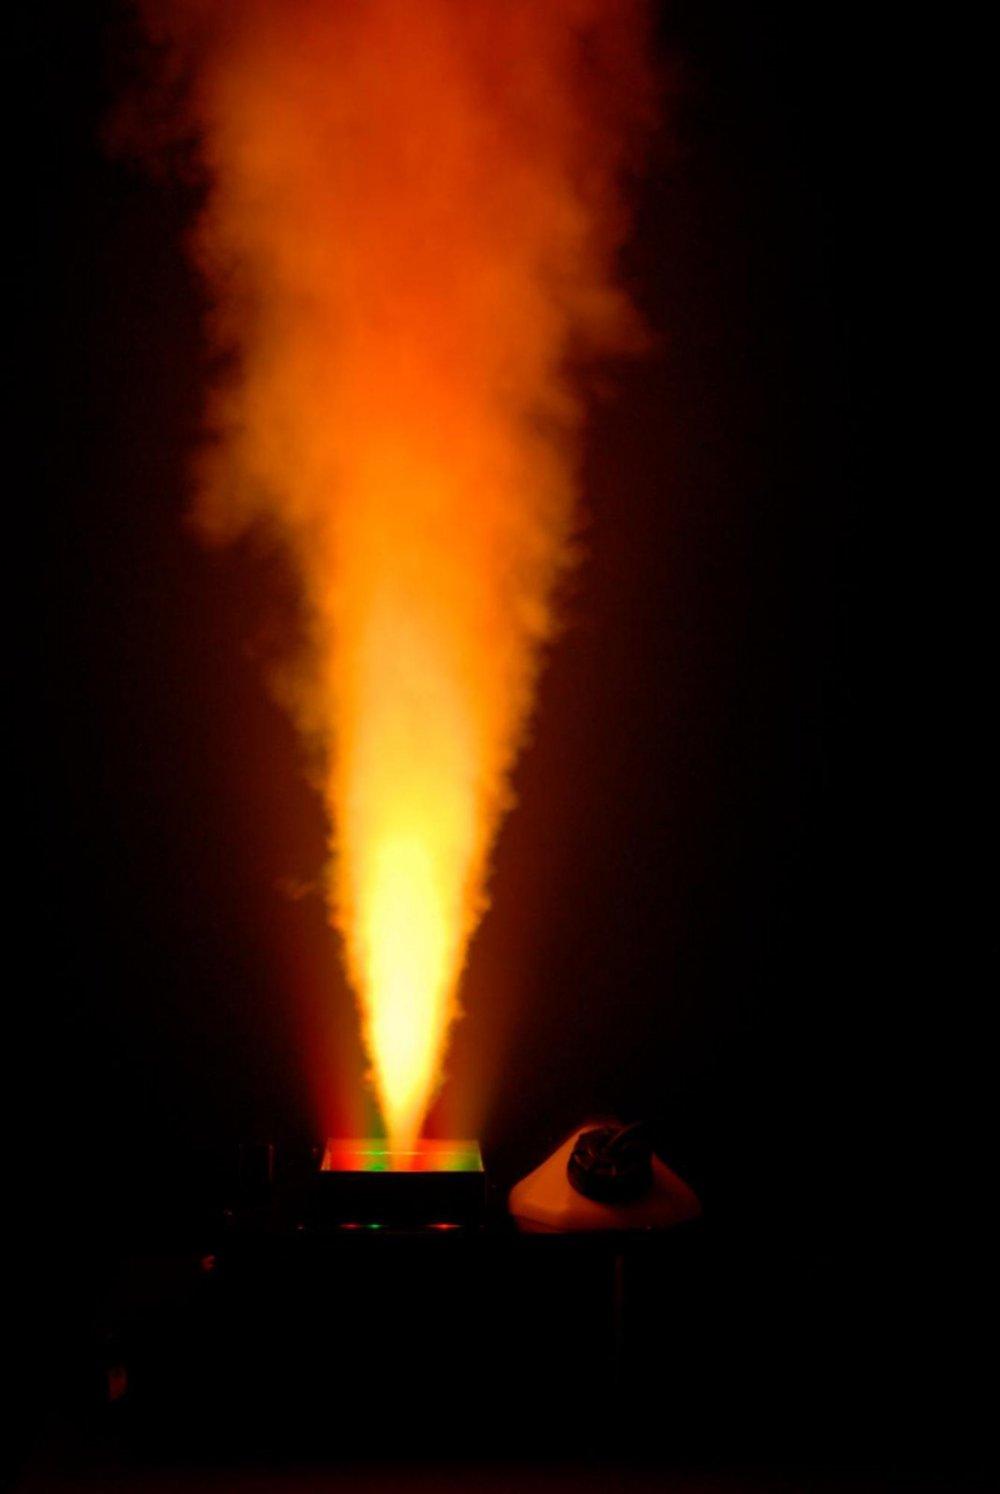 Amazon.com: CHAUVET DJ Geyser P6 Vertical Fog Machine w/LED Light Effects/Wireless Remote & Built-in DMX | Fog Machines: Musical Instruments